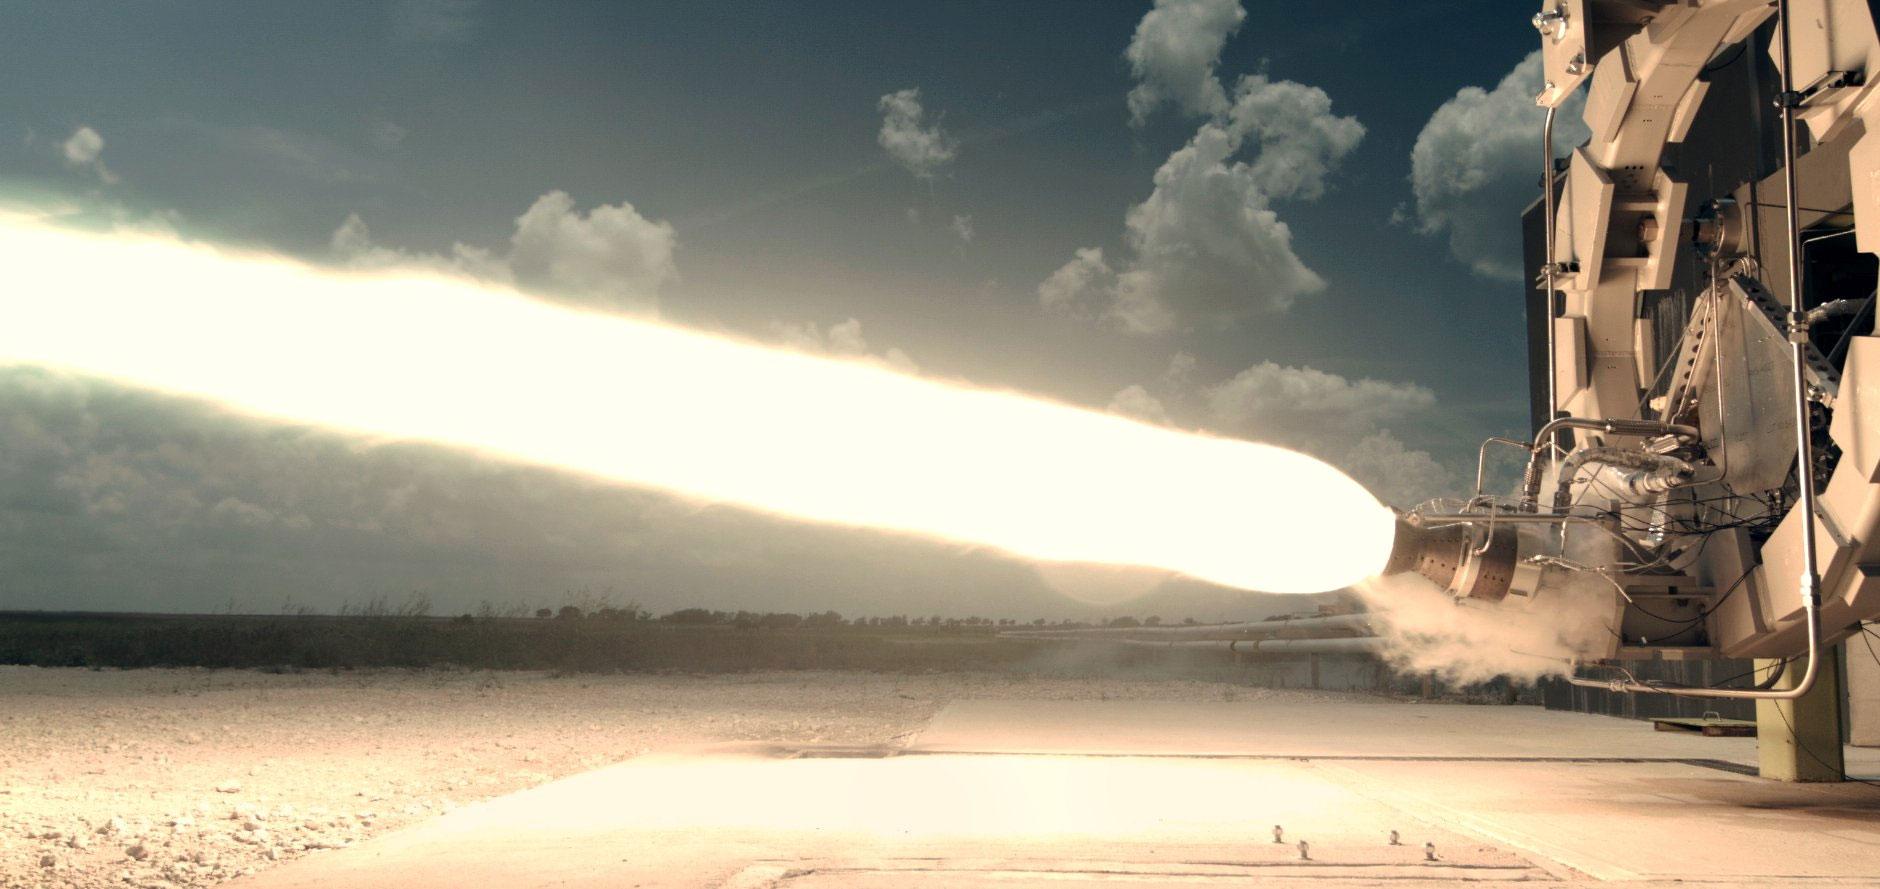 NASA için roket motoru geliştiren FireFly Space Systems'in FireFly Alpha motoru ile ateşleme denemesi. [FireFly]